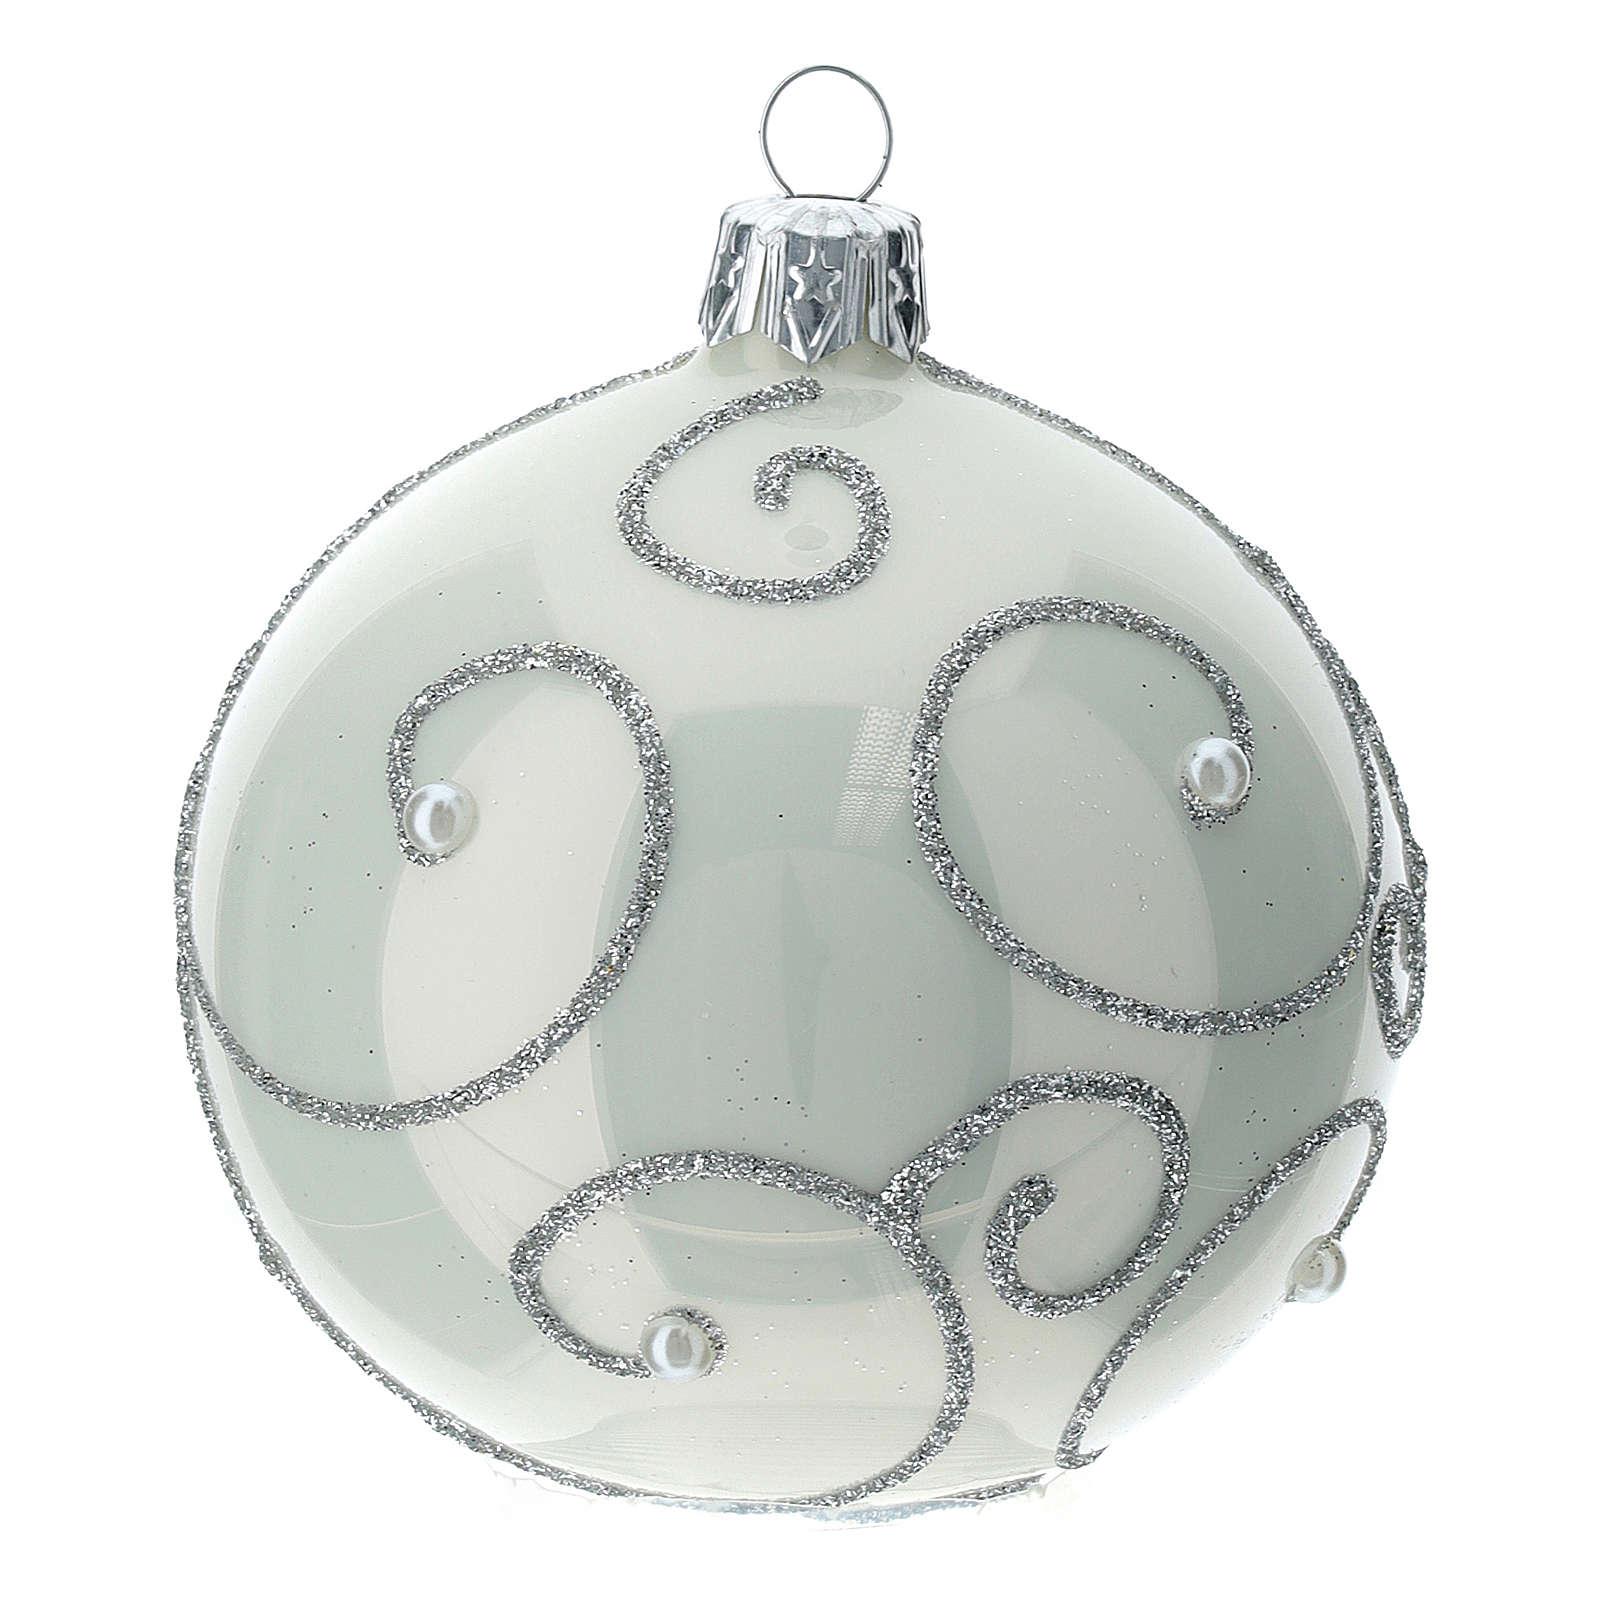 STOCK Bolas Árvore de Natal vidro branco decoração prateada 80 mm 6 unidades 4